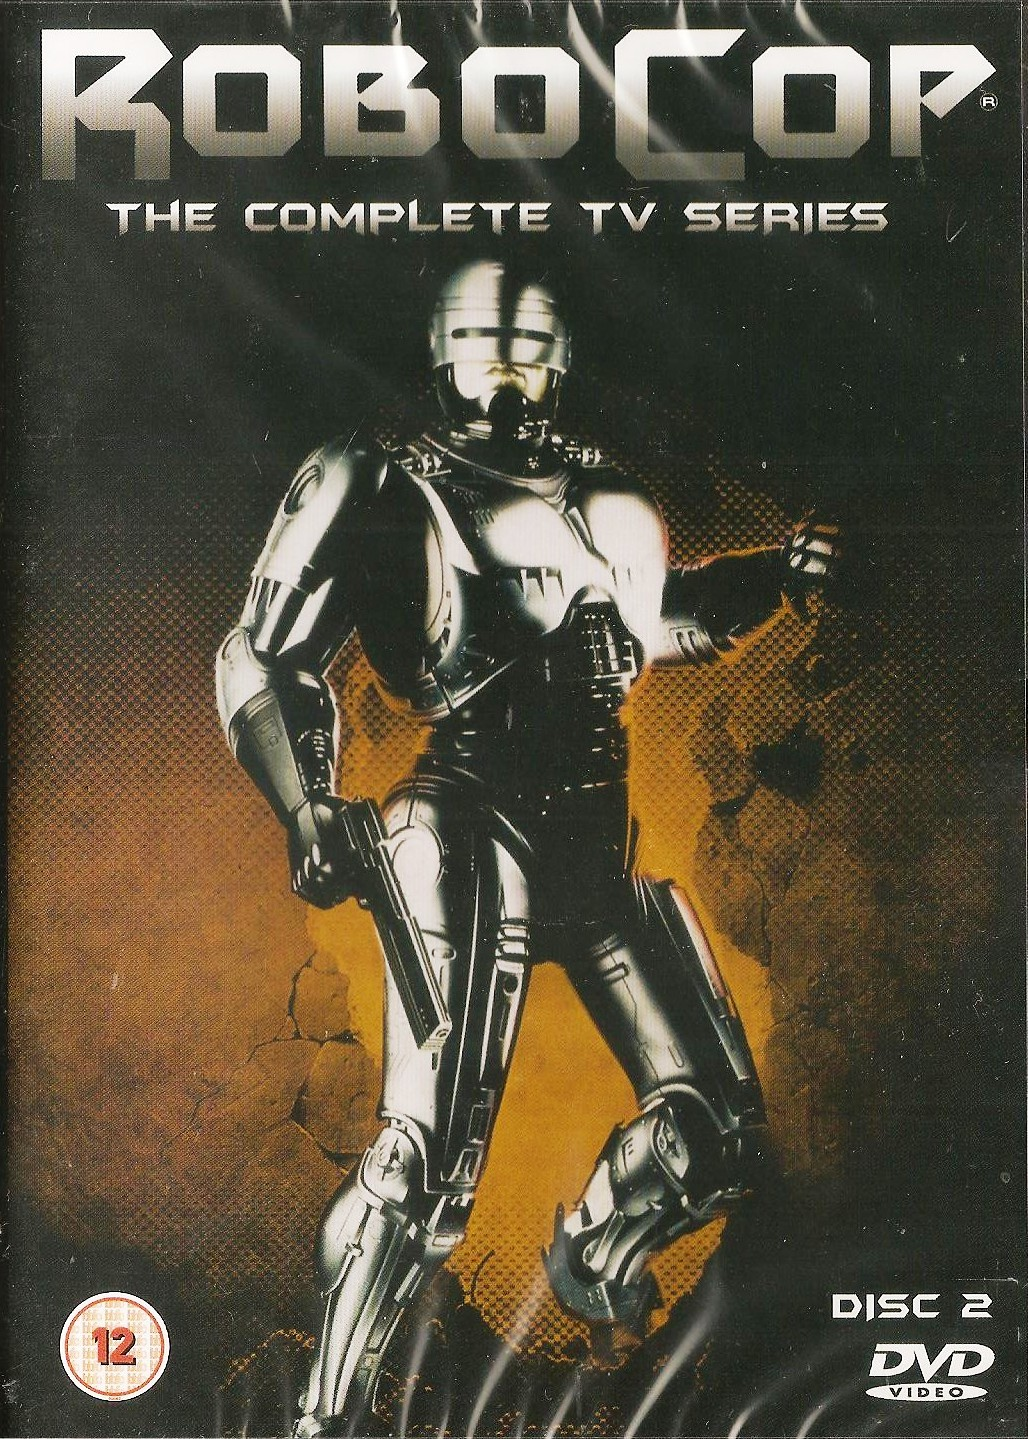 - Robocop : The Complete TV Series DVD - Disc 2 - NEW